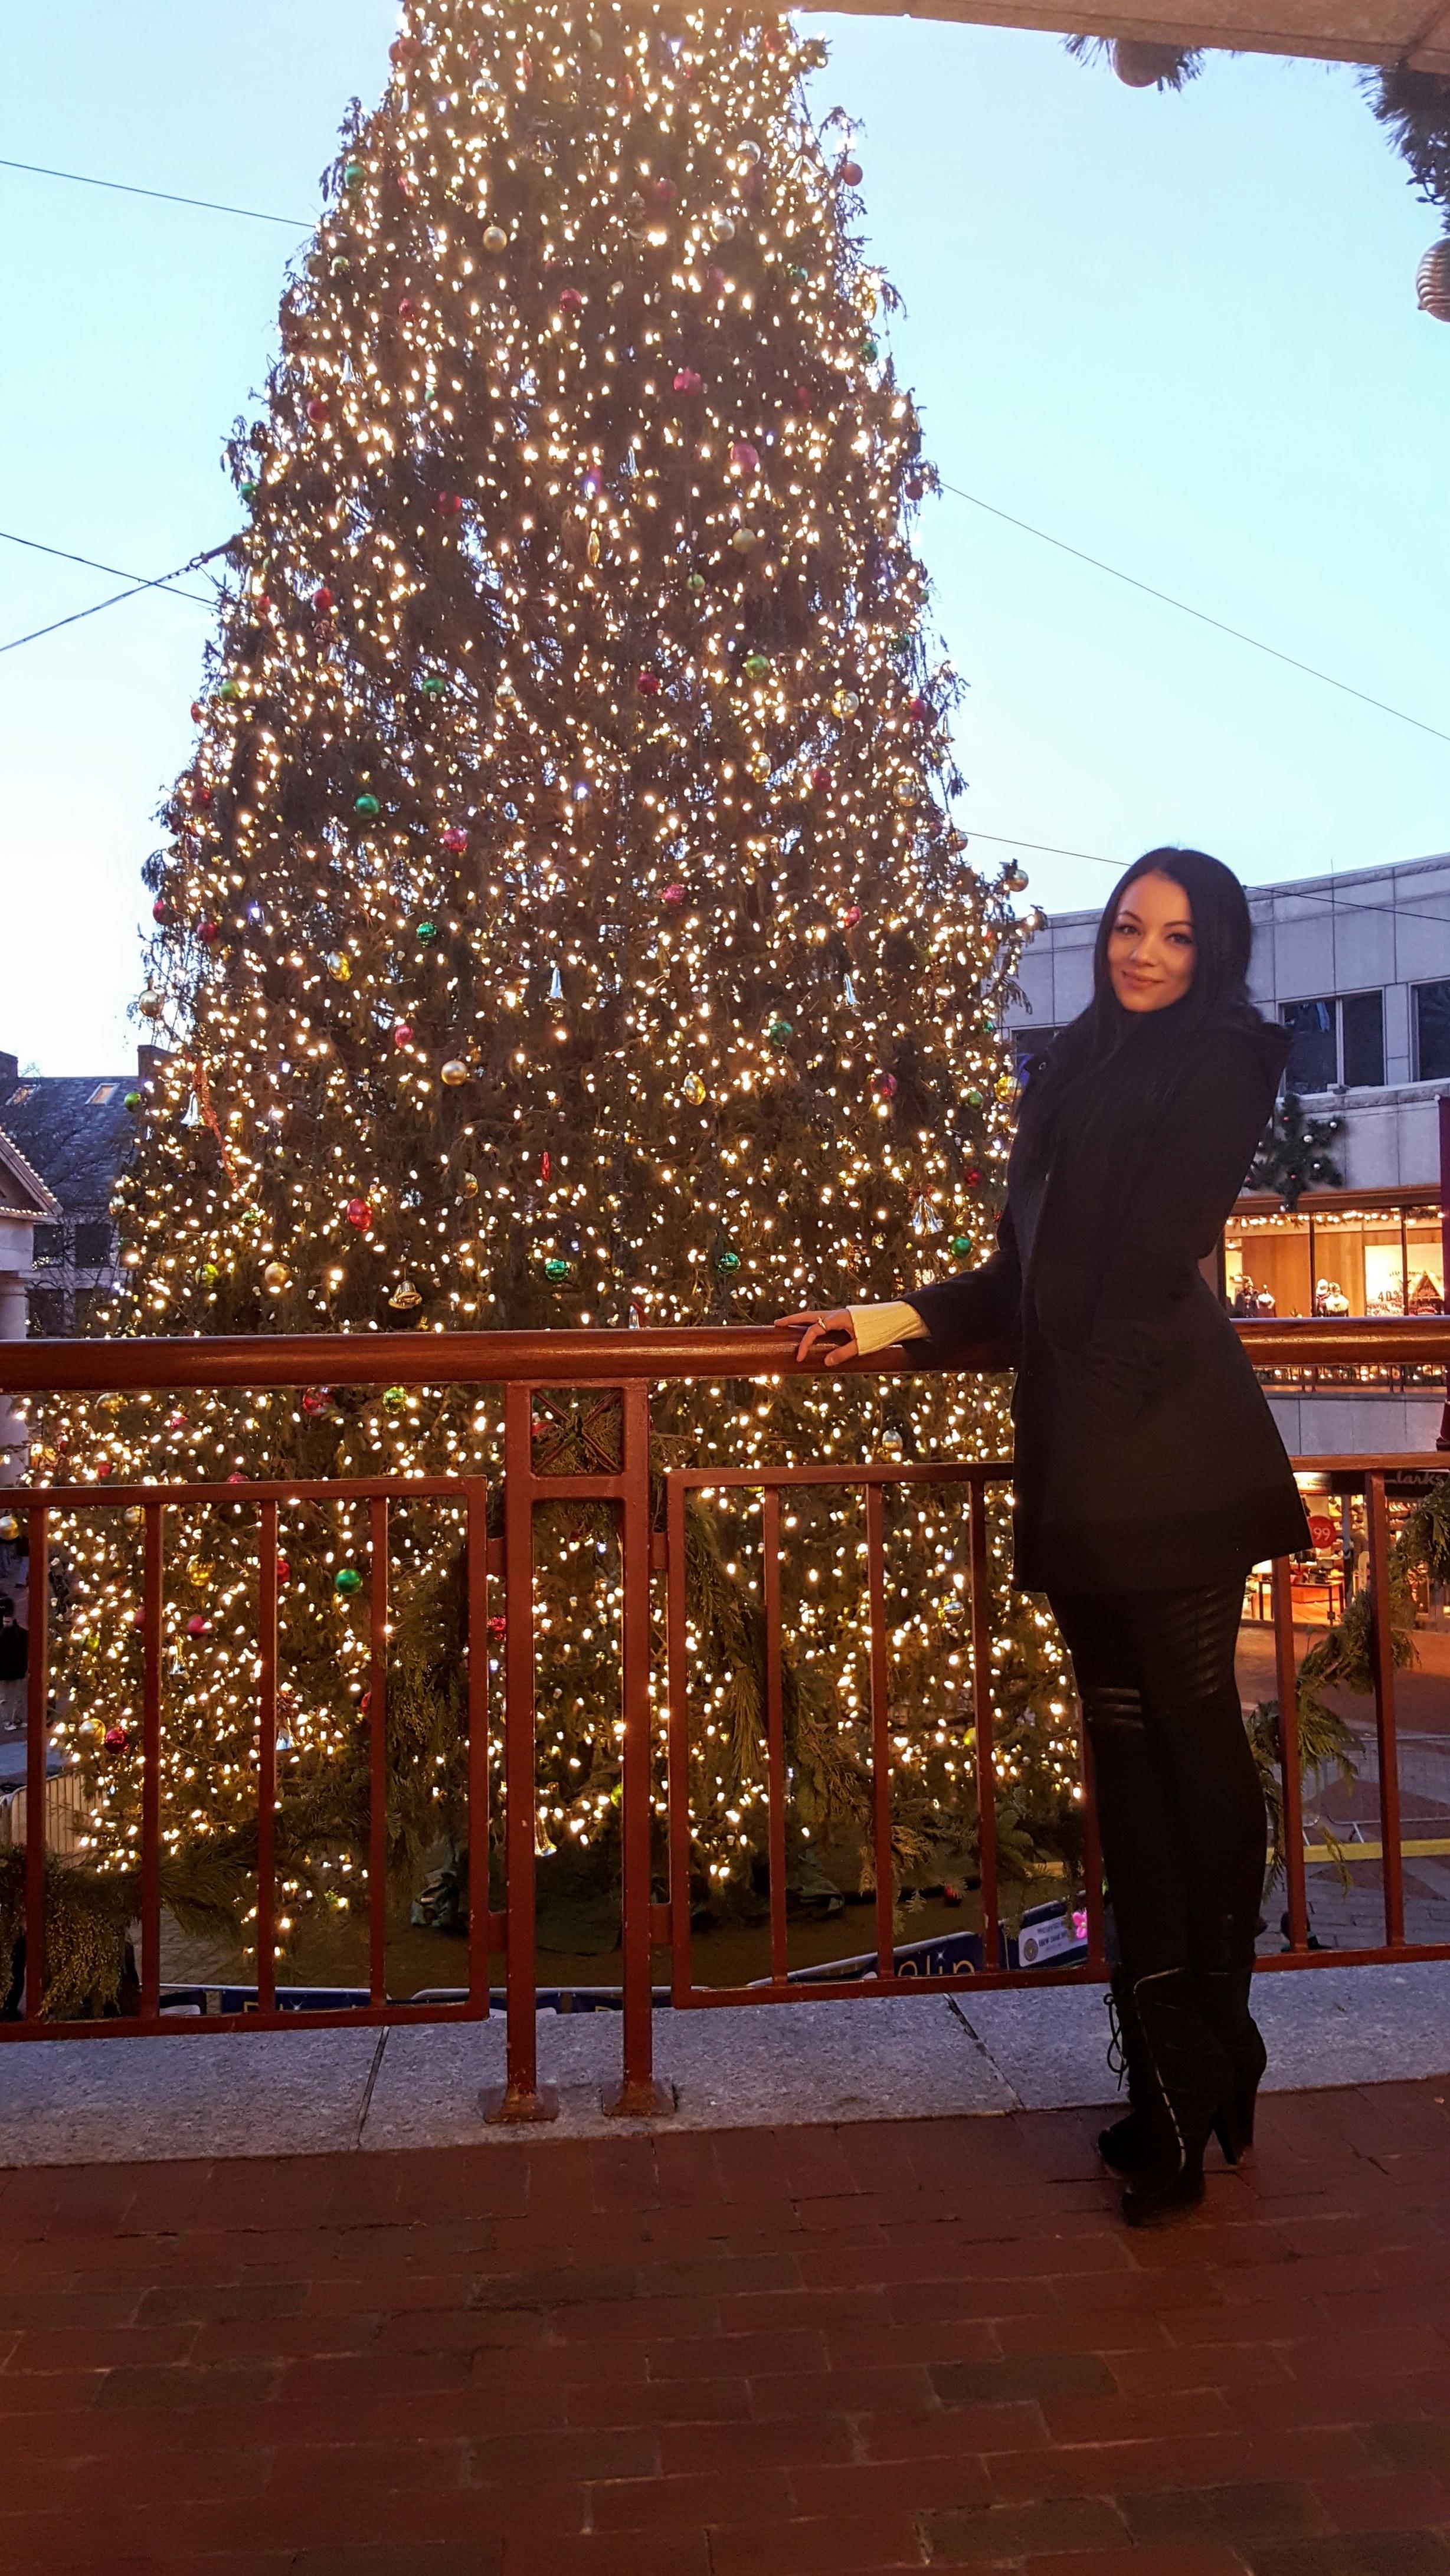 lifeofardor Boston Christmas tree